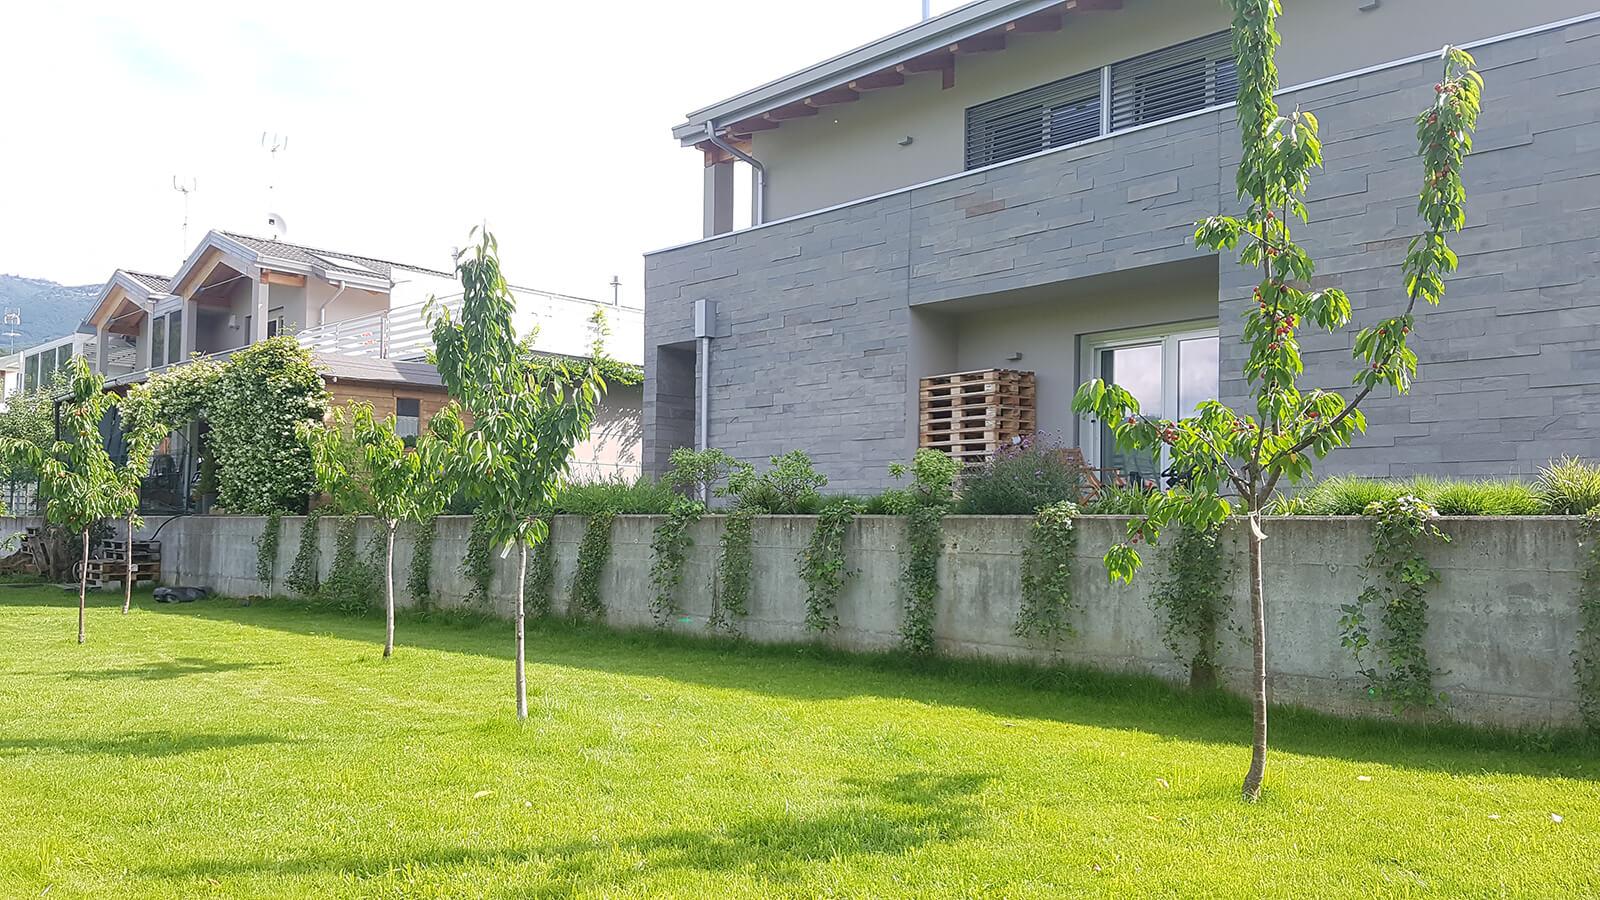 progettazione realizzazione giardini marostica - verde blu giardini 19